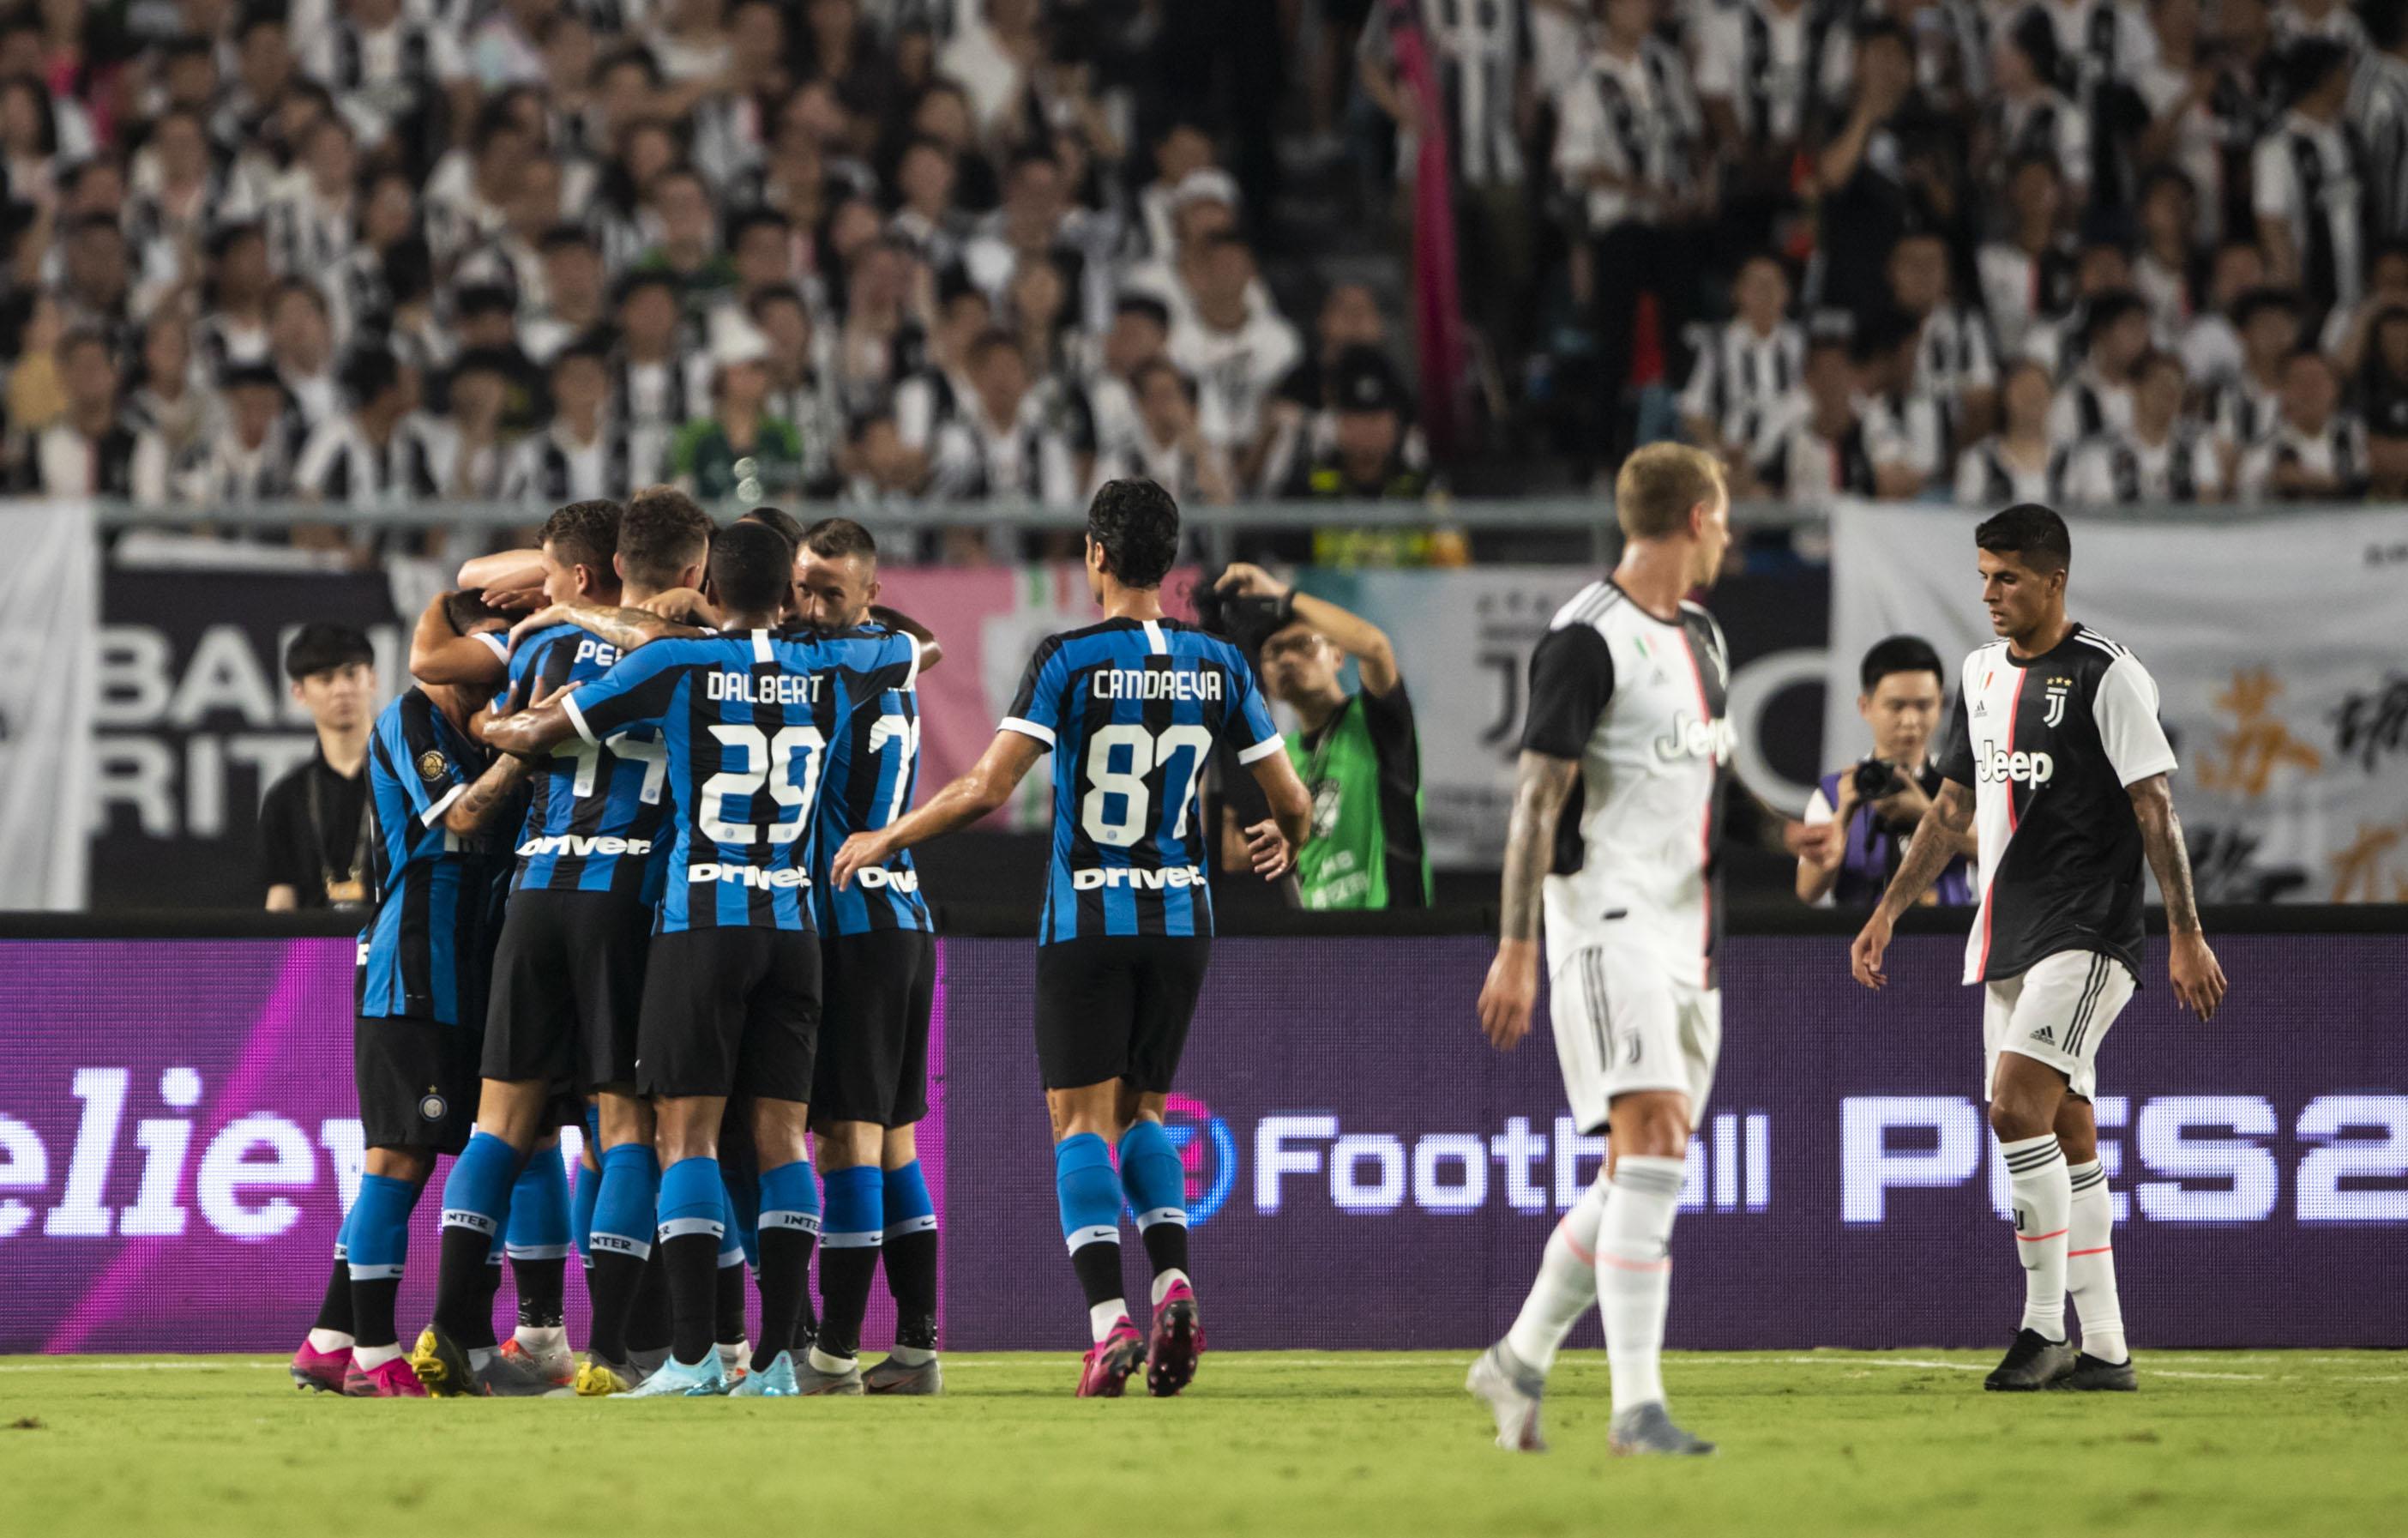 Il primo Juventus-Inter della stagione è andato in scena a Nanchino:bianconeri e nerazzurri si sono affrontate nell'International Cha...